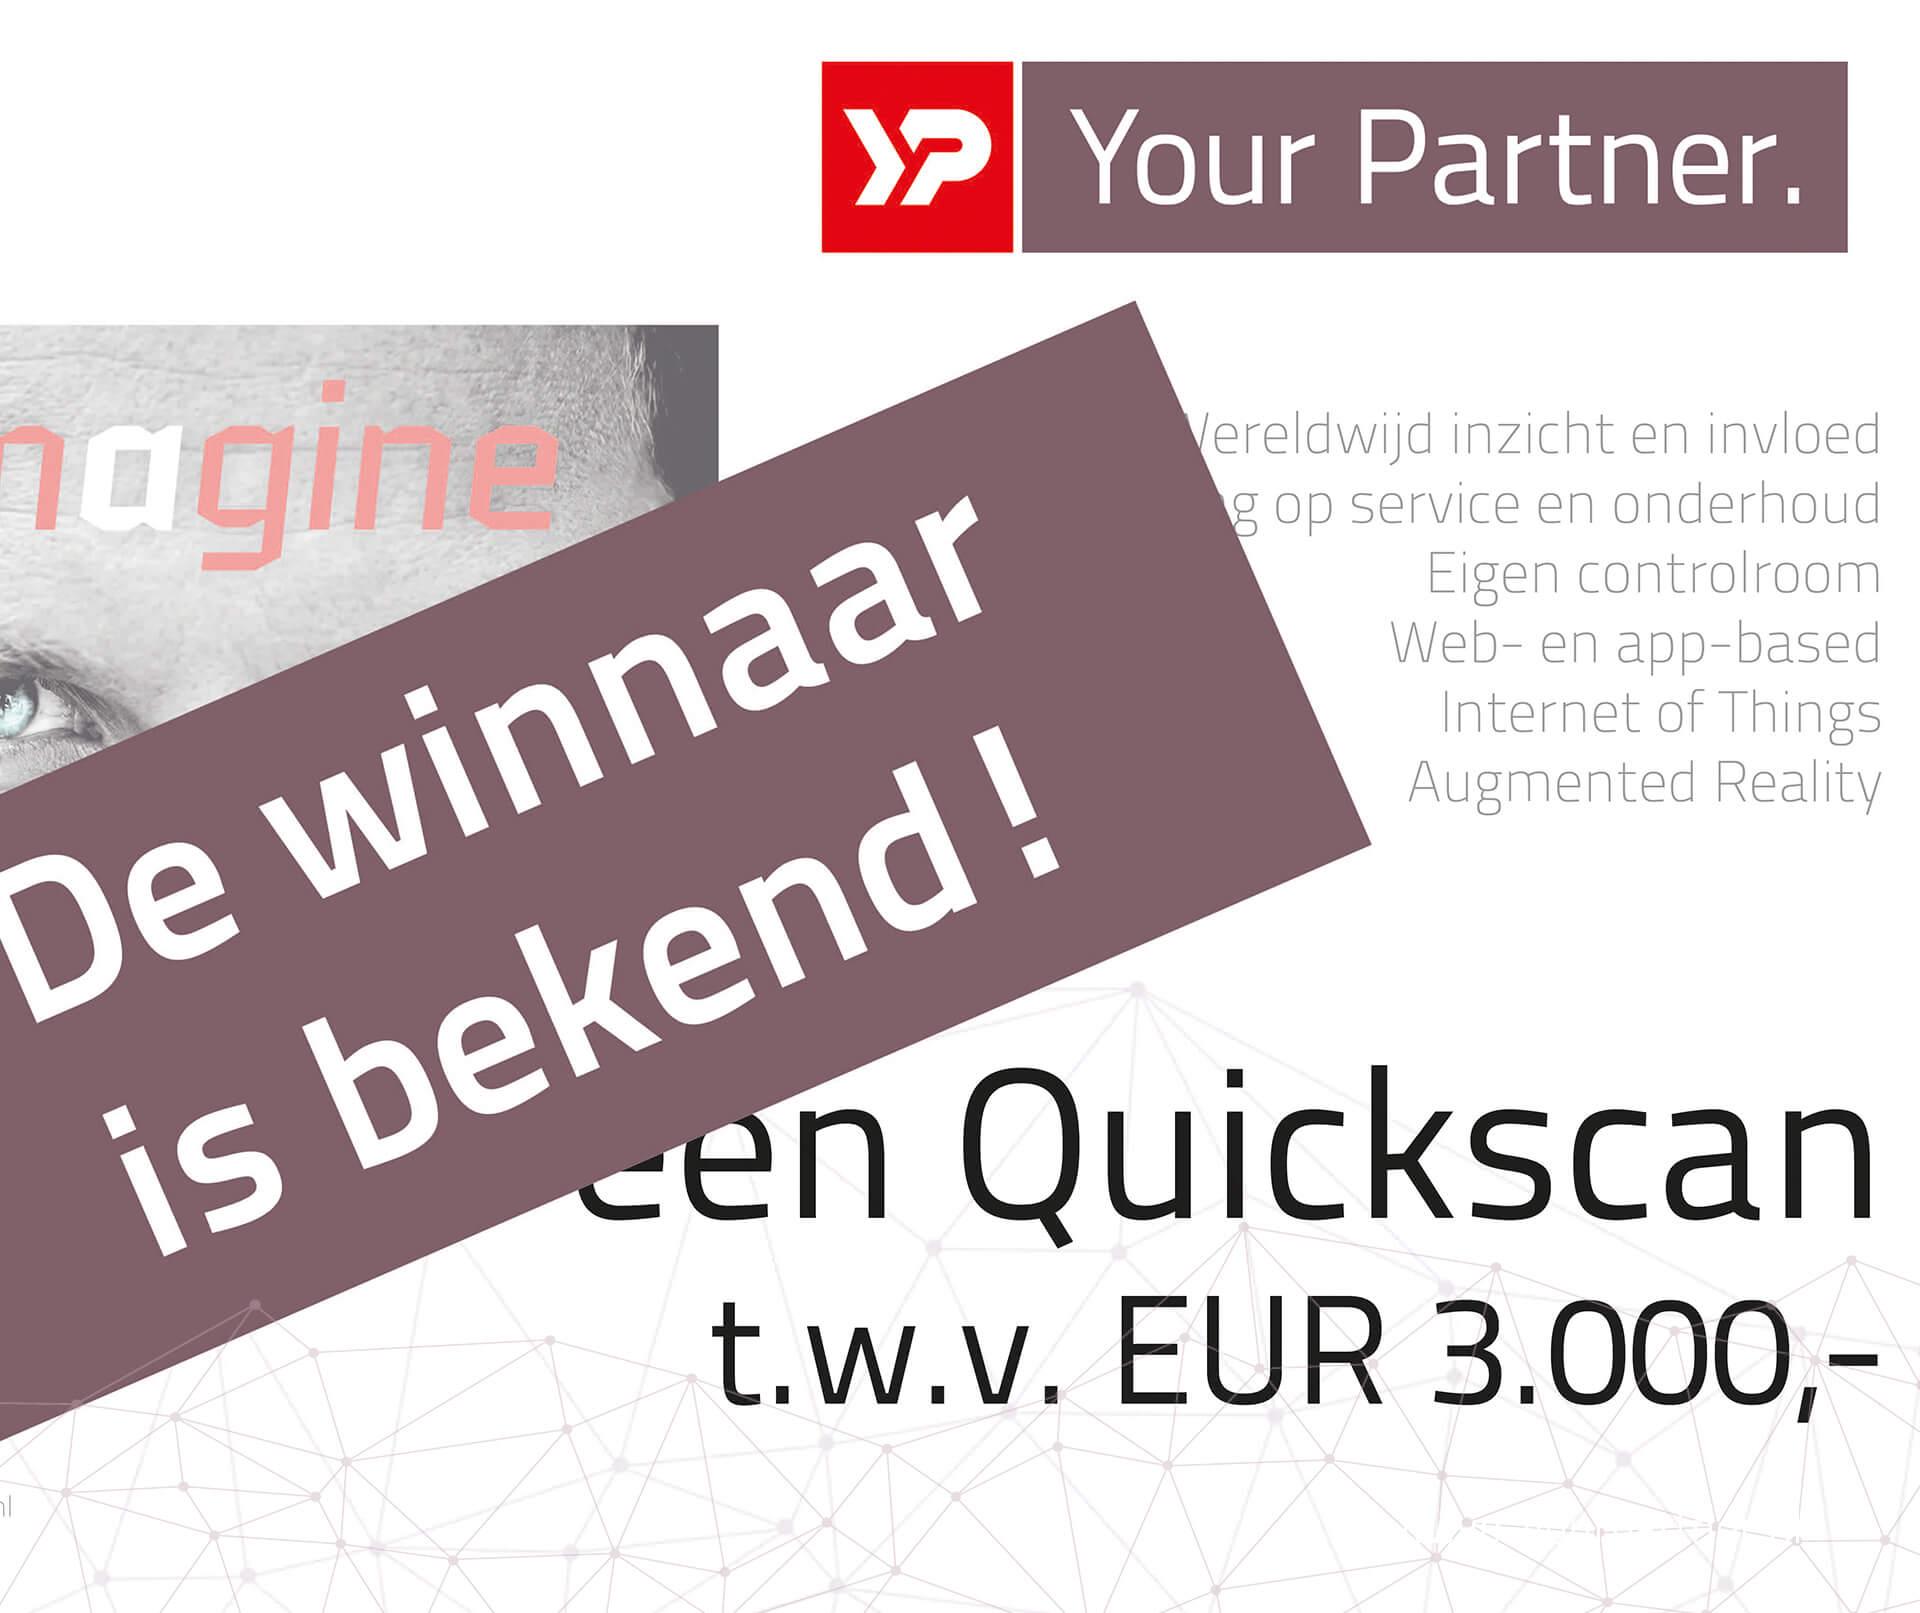 Stork BV winnaar van de YP Your Partner Quickscan